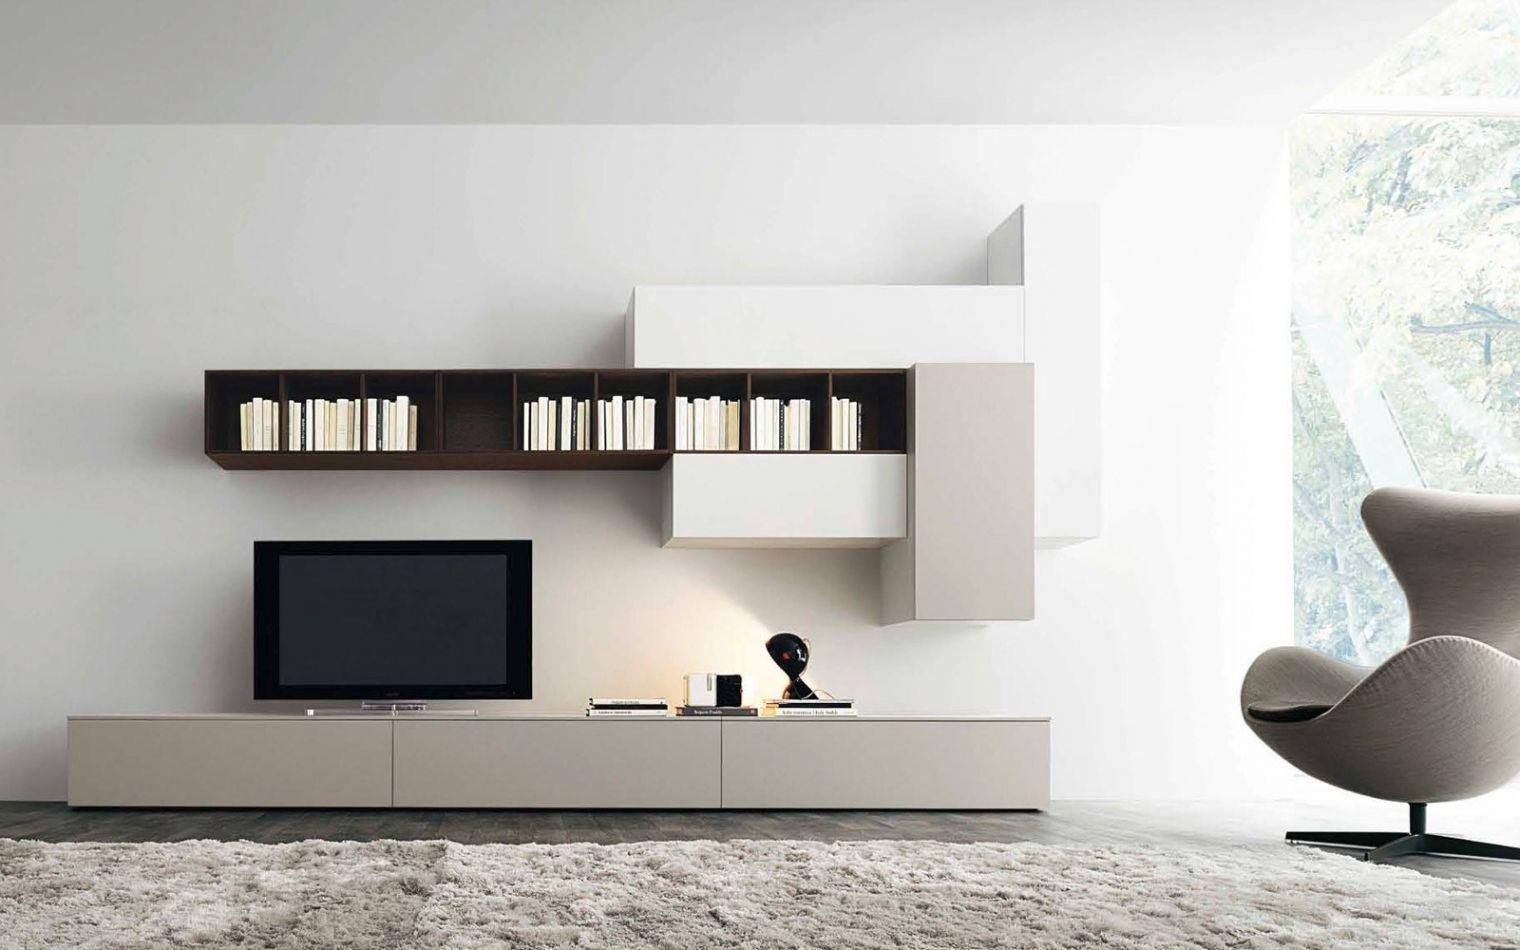 Neu Wohnzimmer Wand Möbel  Wohnen, Wohnzimmer modern, Wohnzimmermöbel